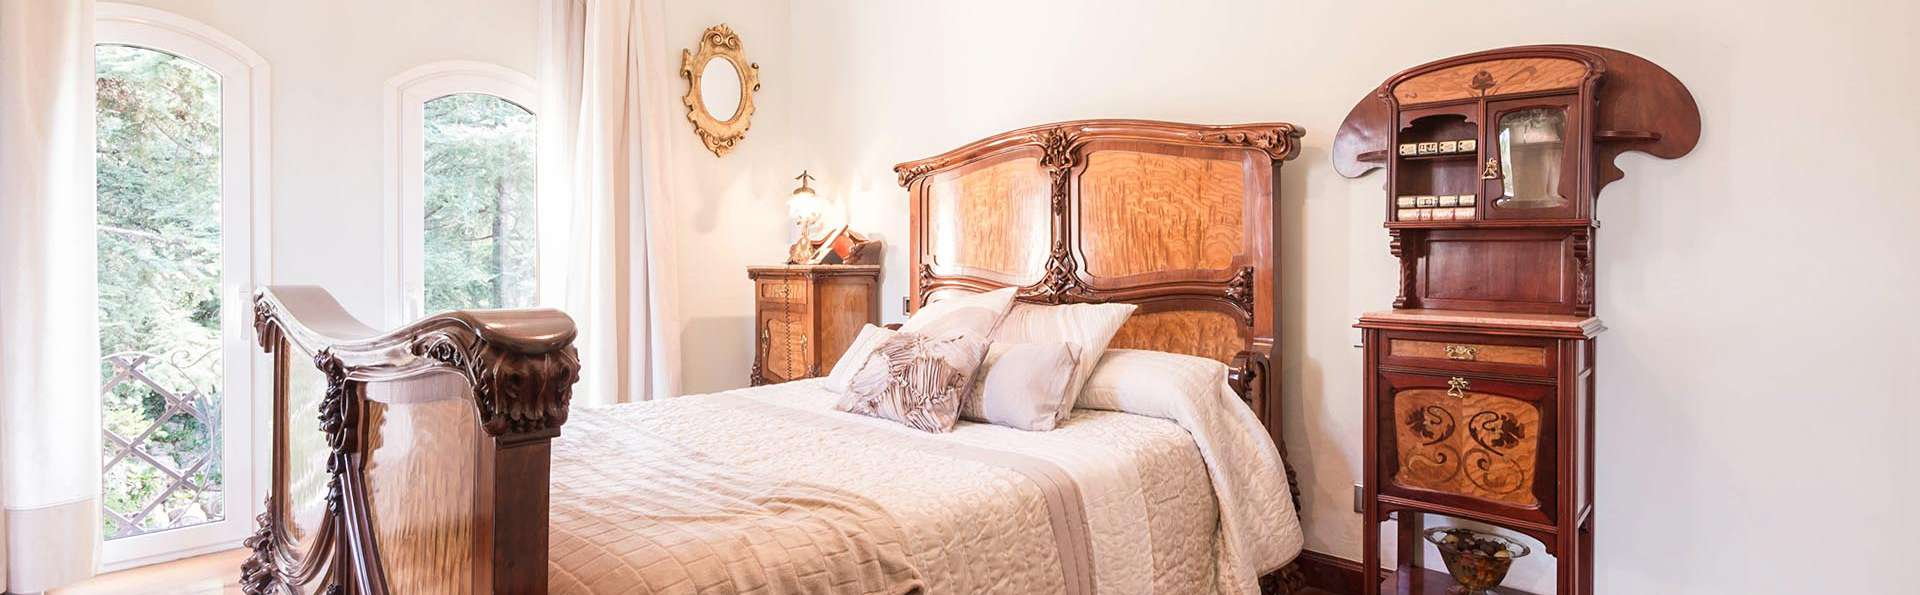 Enamórate con cava, pétalos y velas en la habitación Camelia en la naturaleza de La Garriga